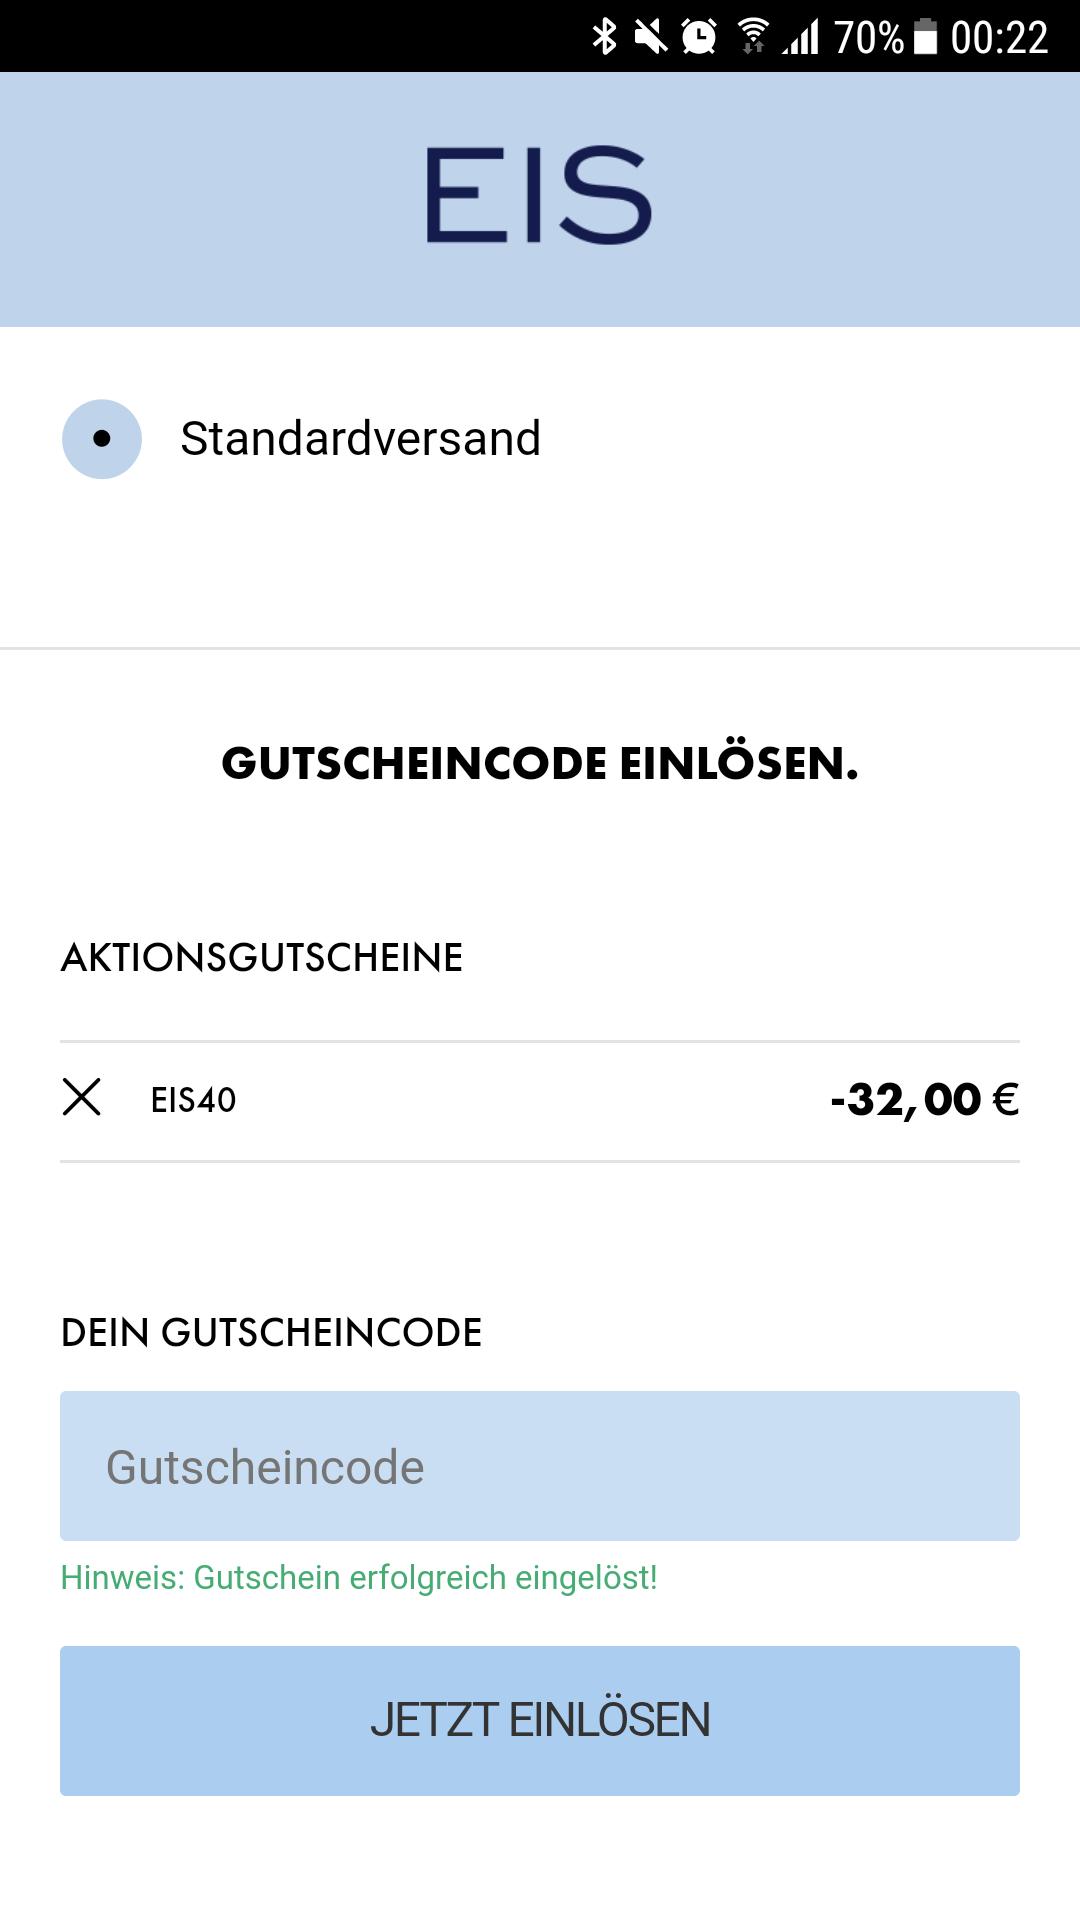 Gutschein Code Eis